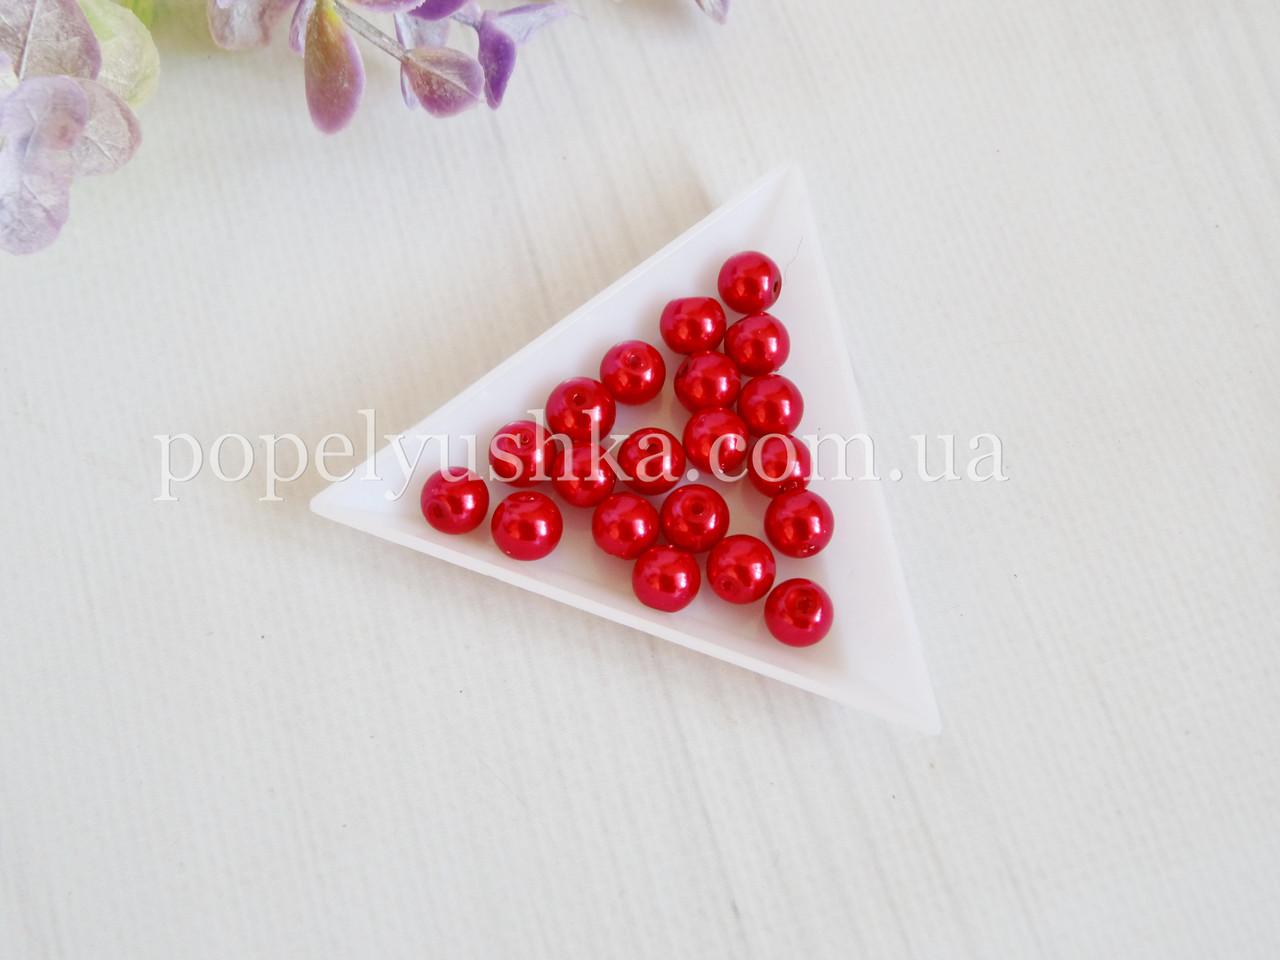 Перлини скляні  6 мм Червоні (50 шт.)